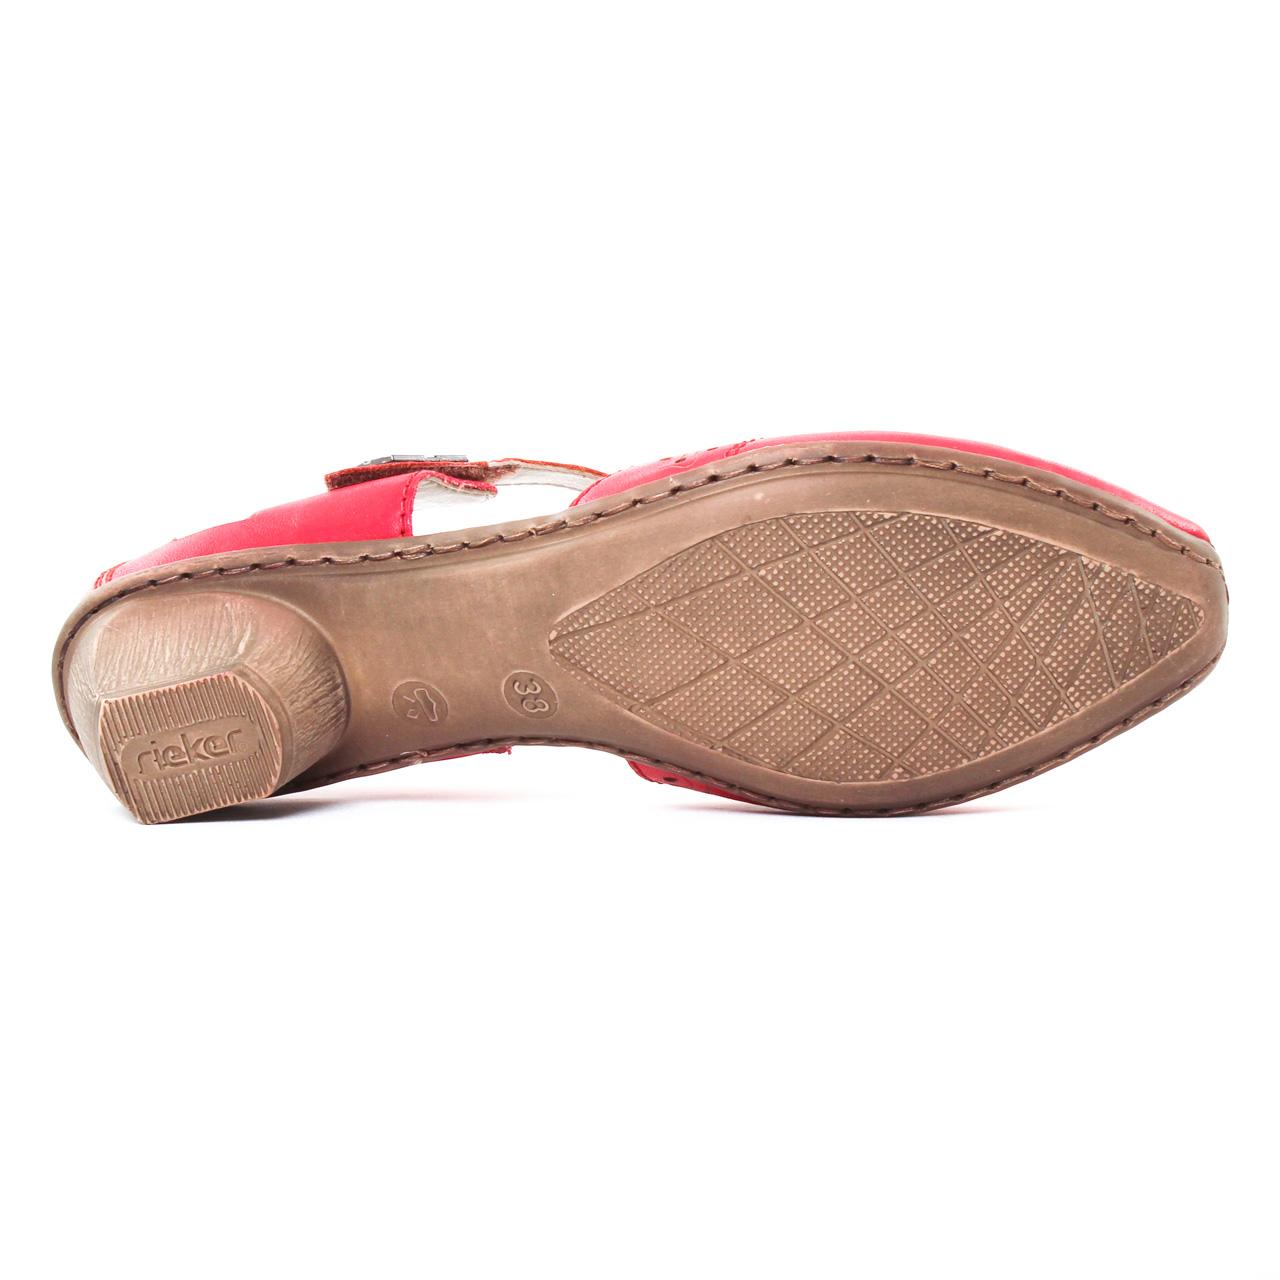 Rieker 49798 Rosso   escarpin trotteur rouge printemps été